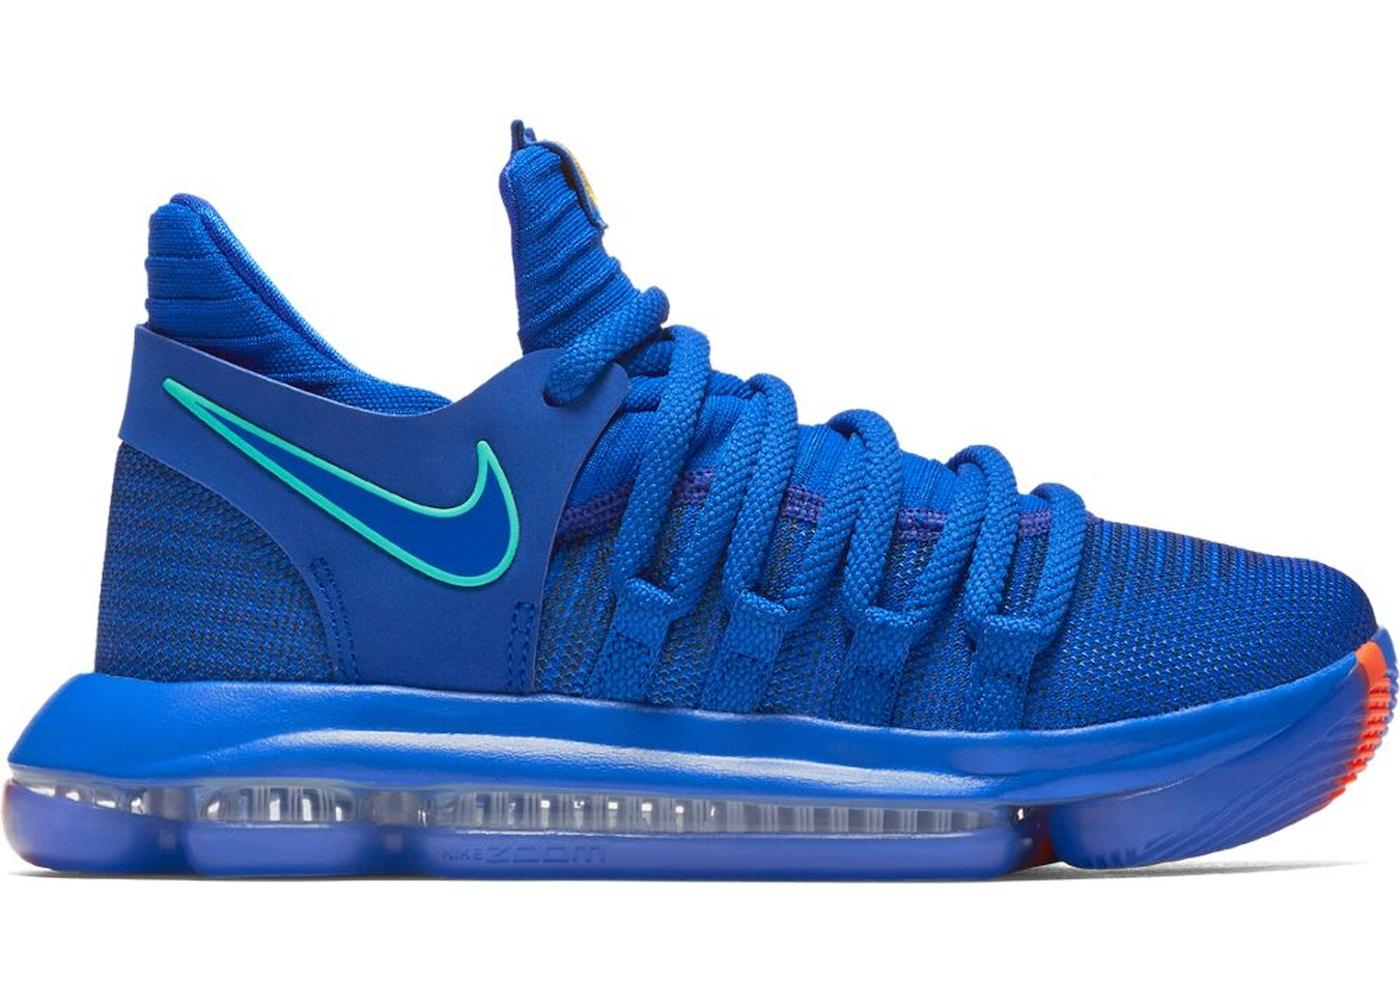 5f11953f0092 Buy Nike KD Shoes   Deadstock Sneakers